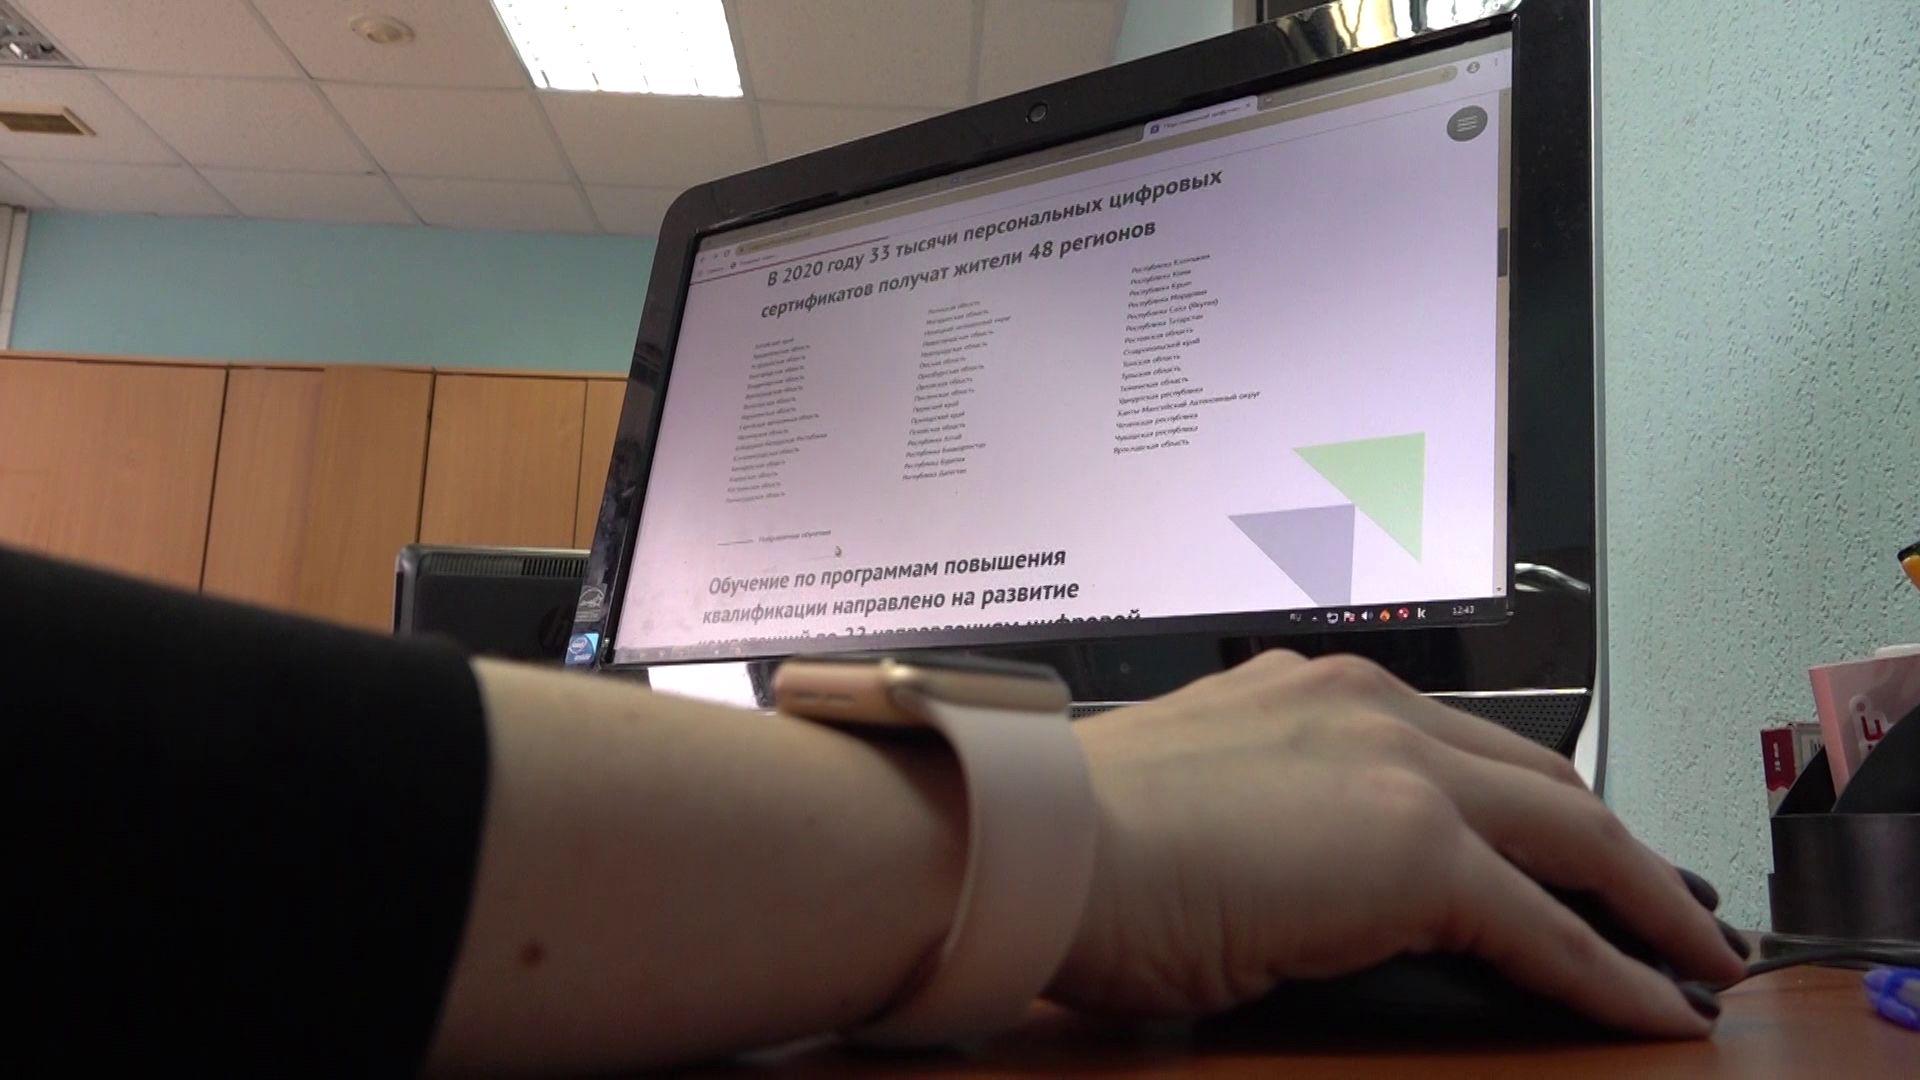 Ярославцы могут получить бесплатное допобразование в области цифровых технологий